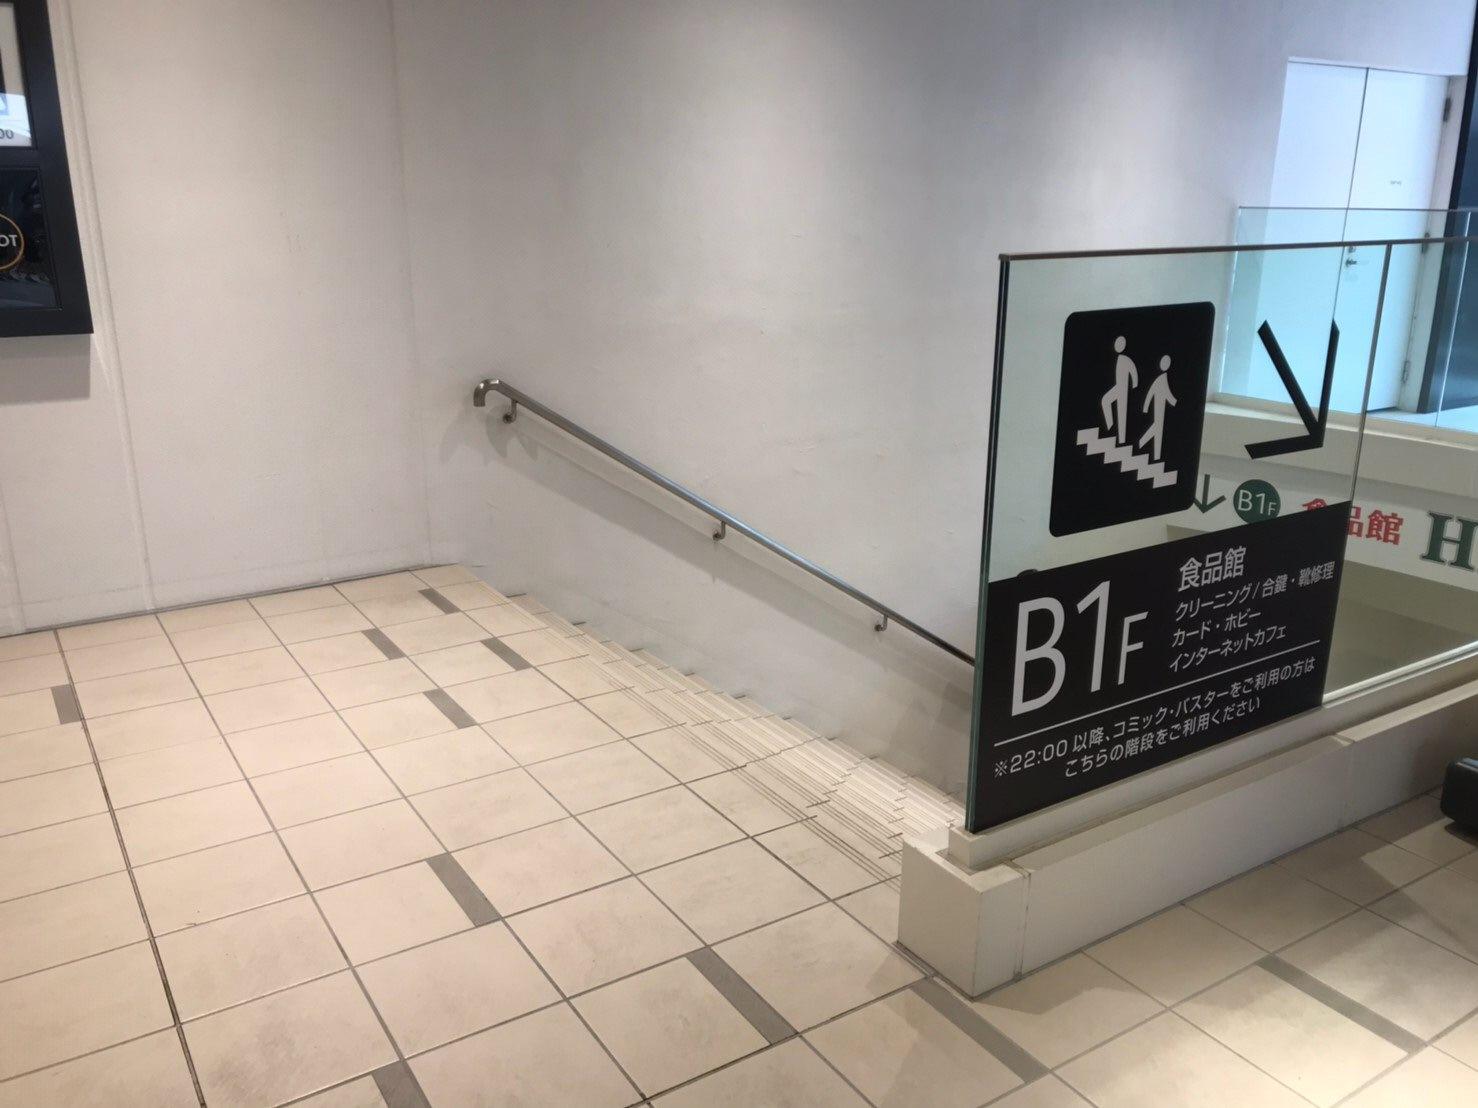 こちらの入り口から入り地下に降りますとSWITCHBODY岡山駅前店があります。